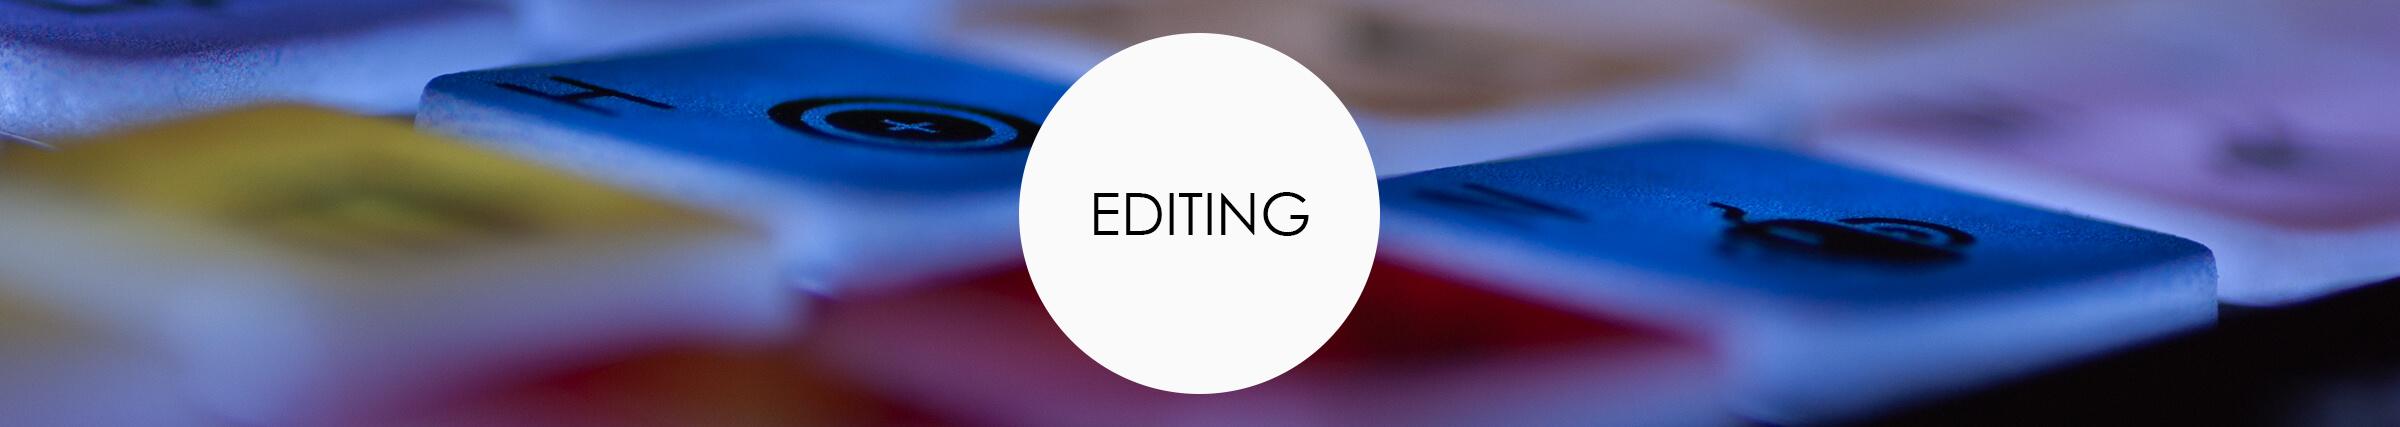 editing-full